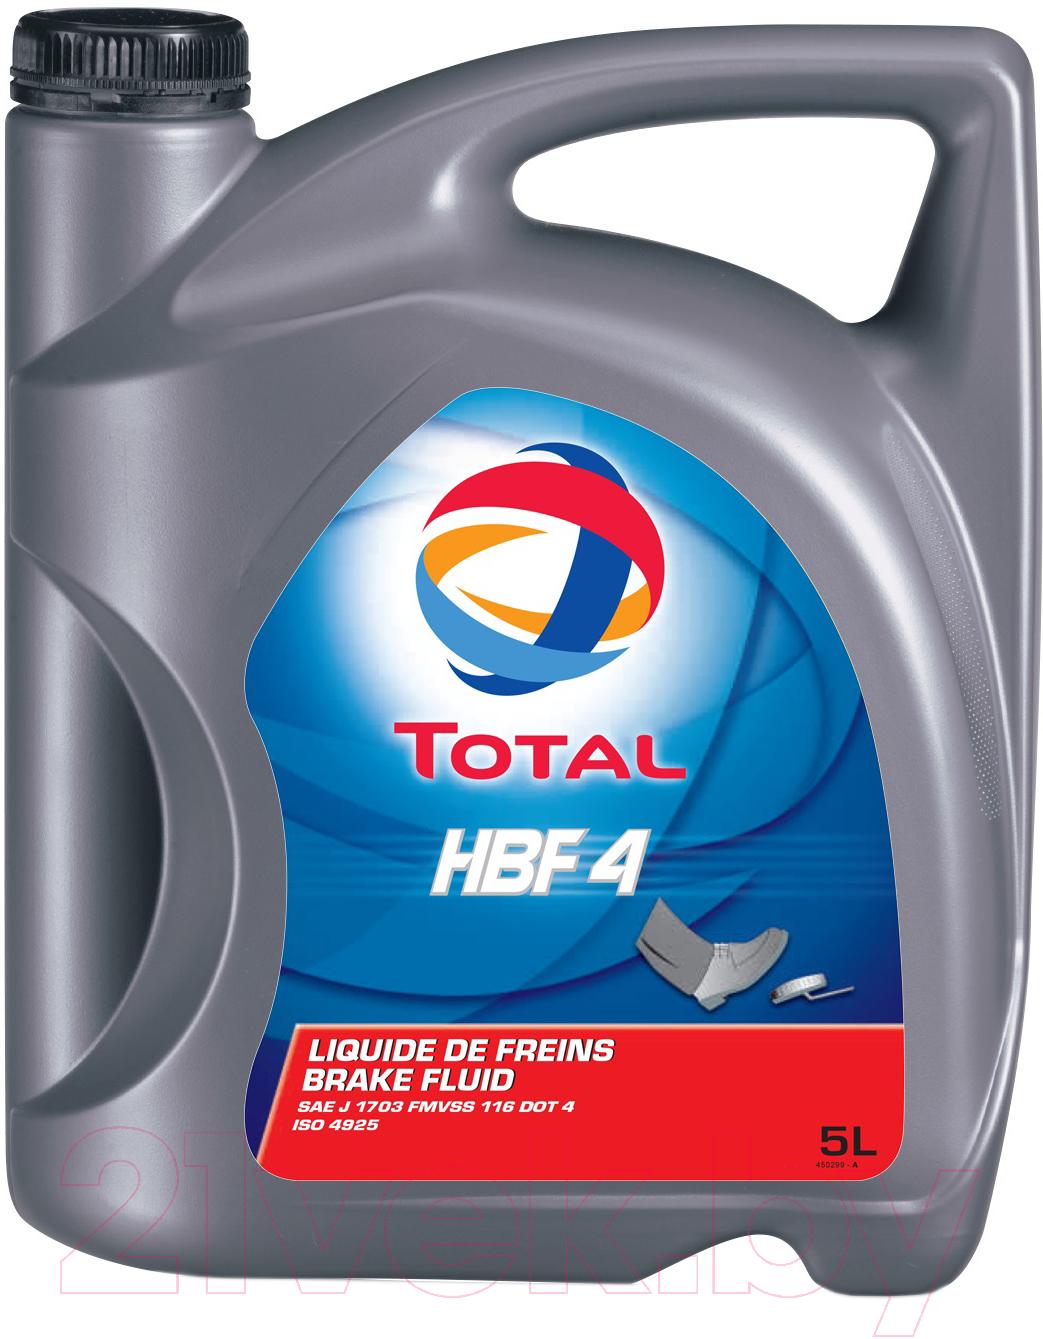 Купить Тормозная жидкость Total, HBF DOT 4 / 150511 (5л), Франция